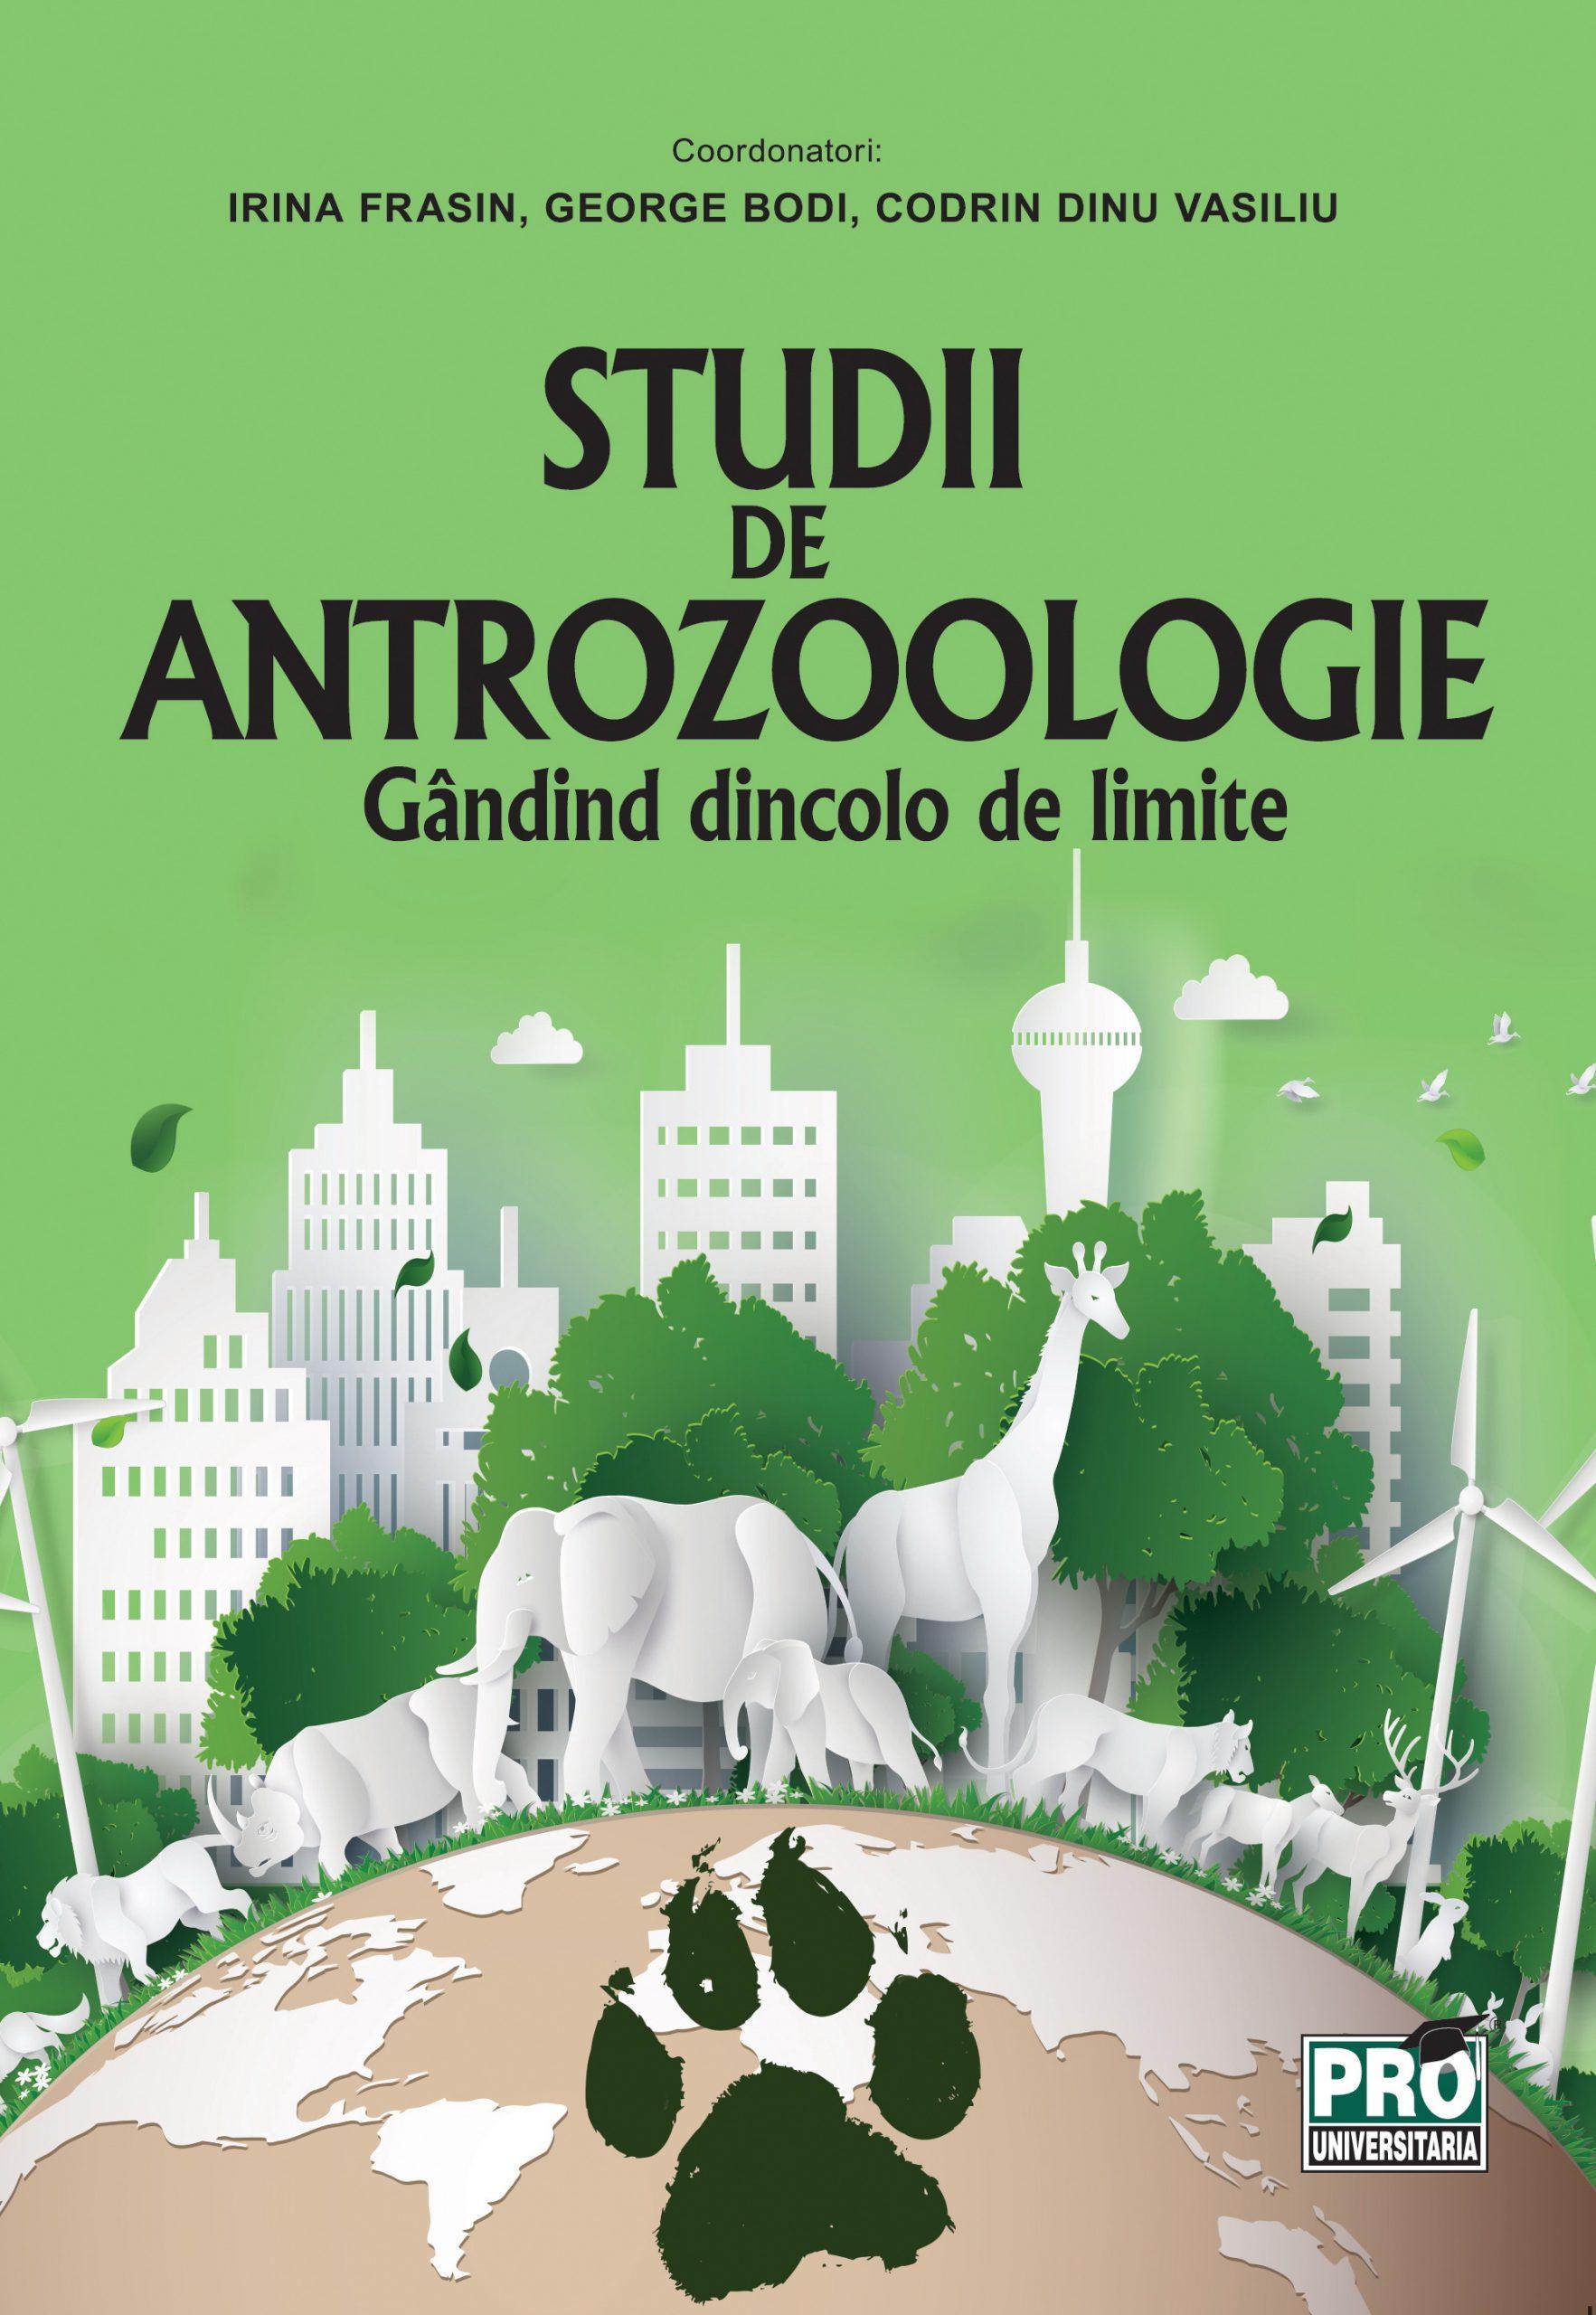 Irina Feasin George Bodi Studii de antrozoologie 1